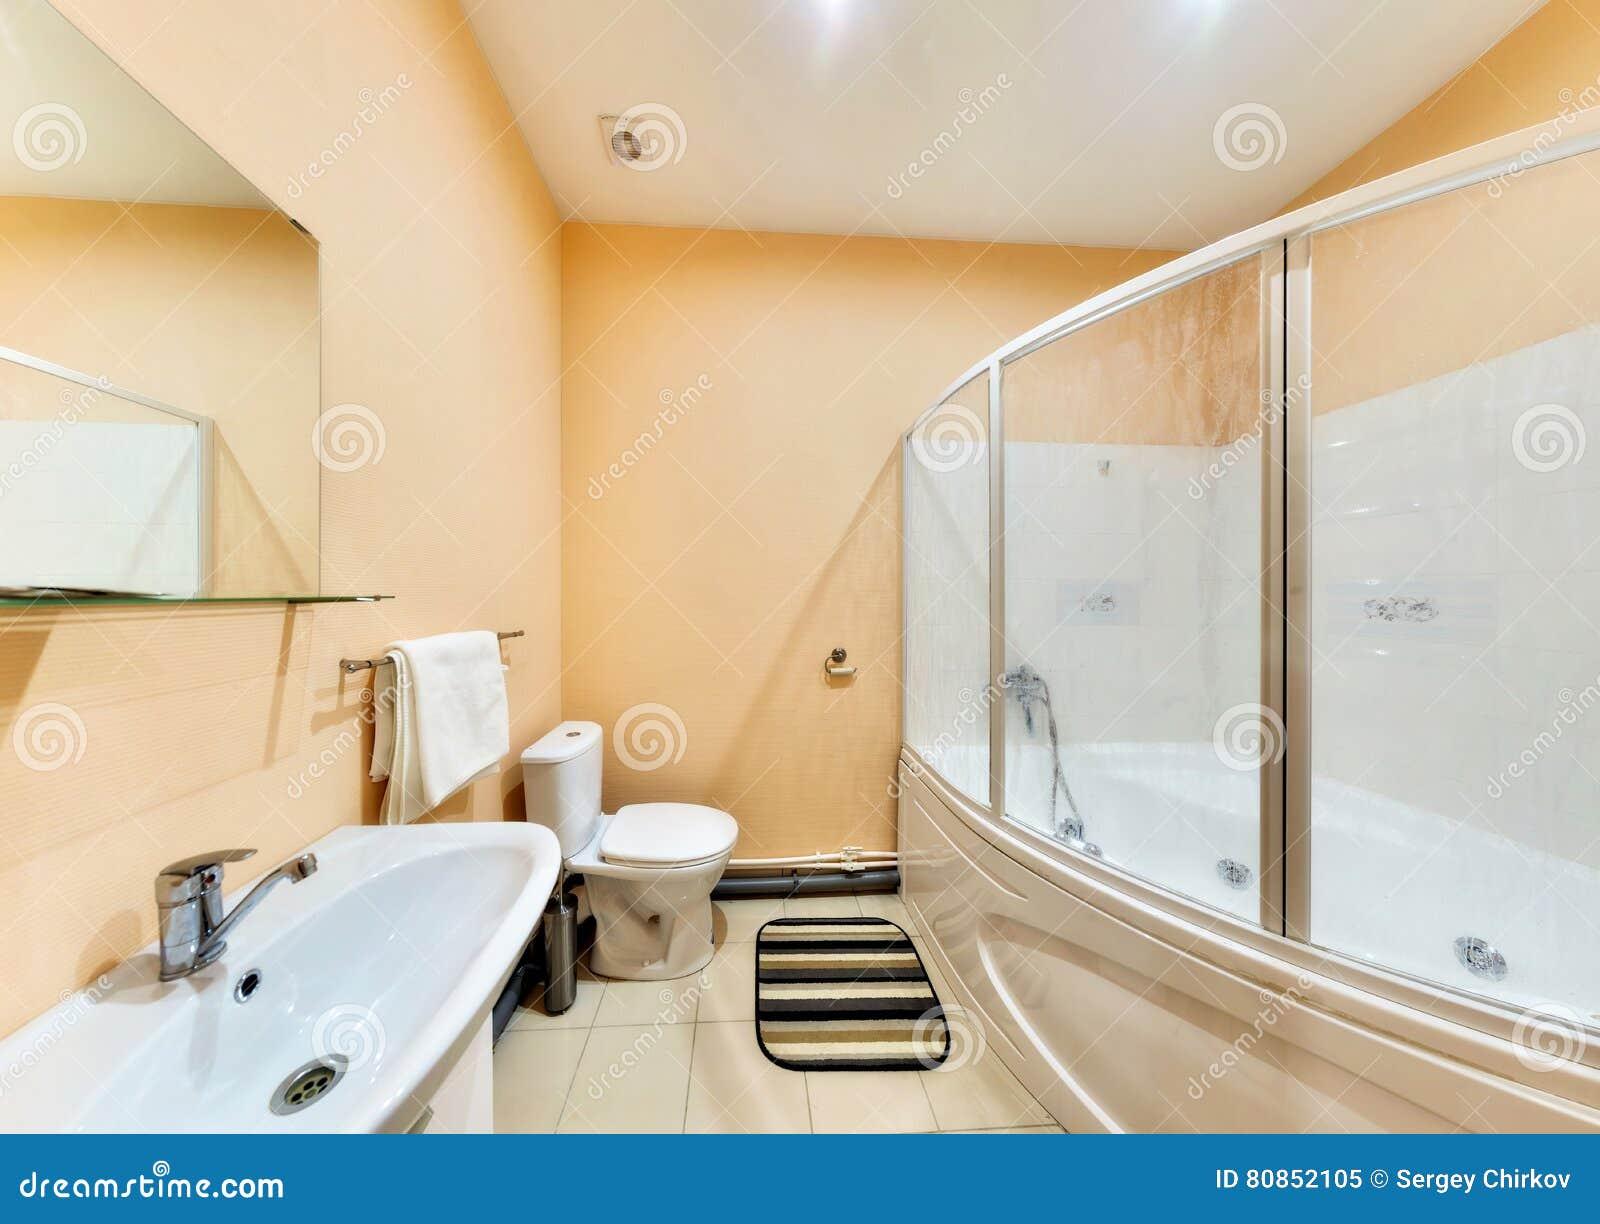 Großes Badezimmer Mit Einer Duschkabine Stockbild - Bild von fliesen ...